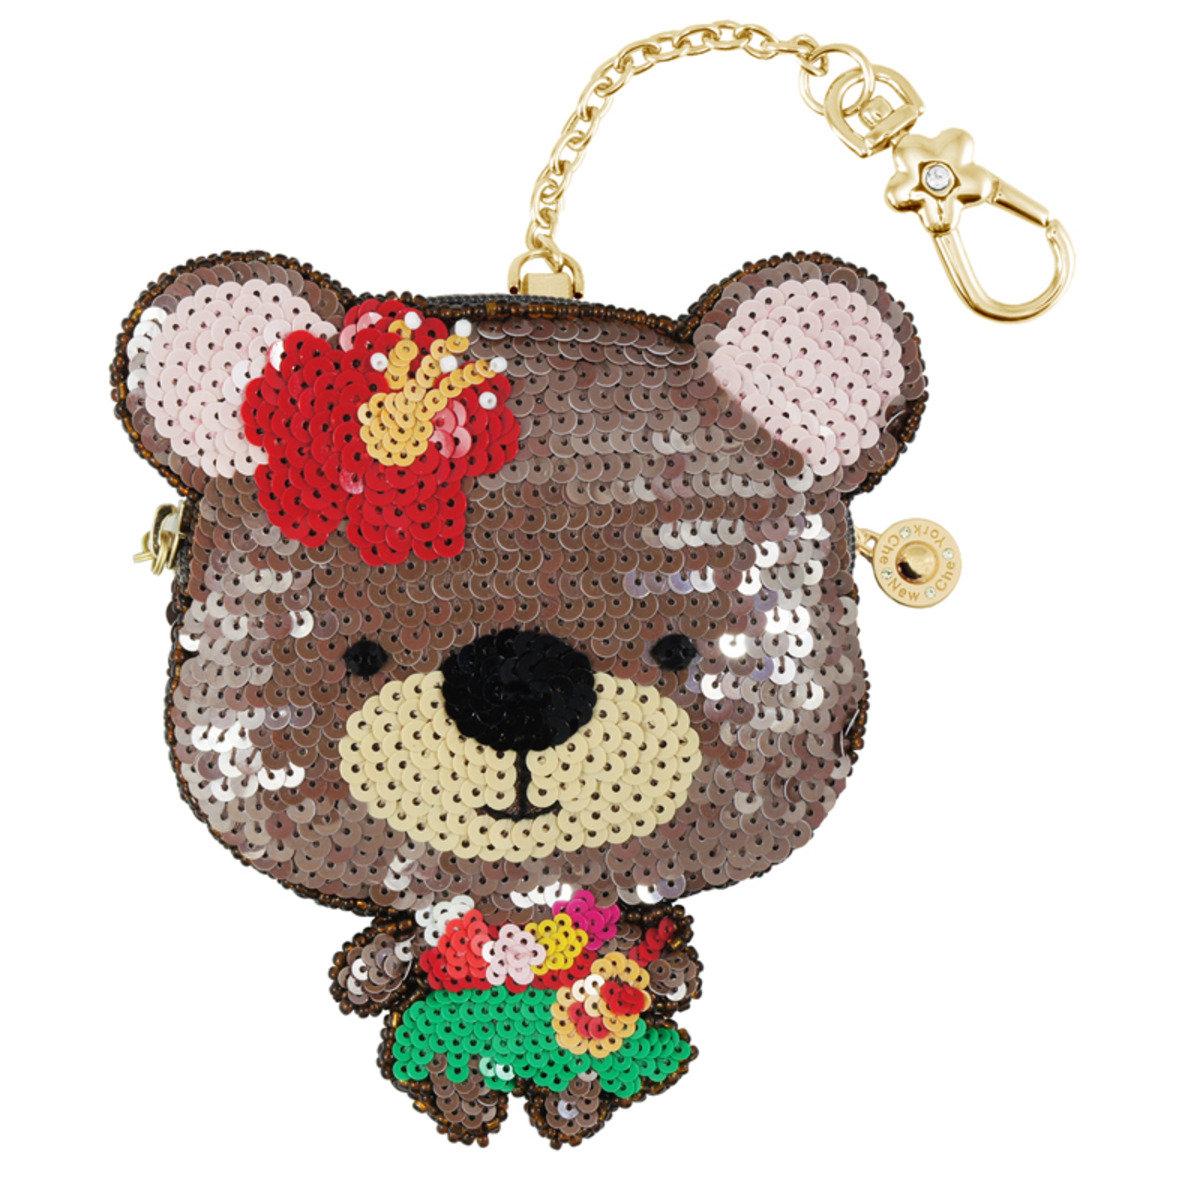 夏威夷小熊零錢包